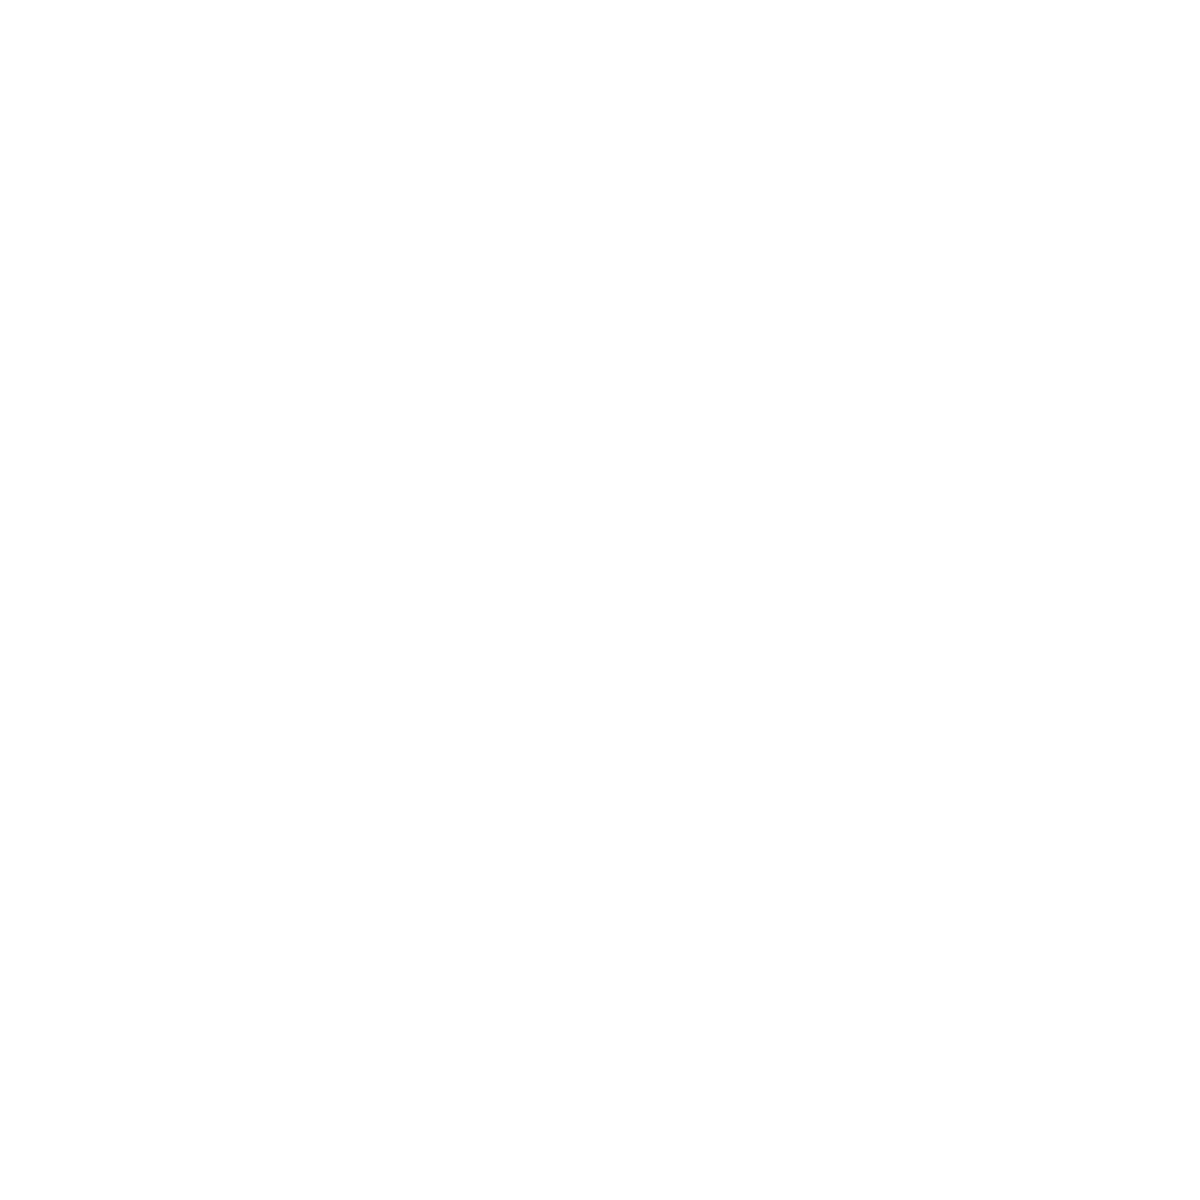 Snapchat norske brukernavn jenter Sex Damer